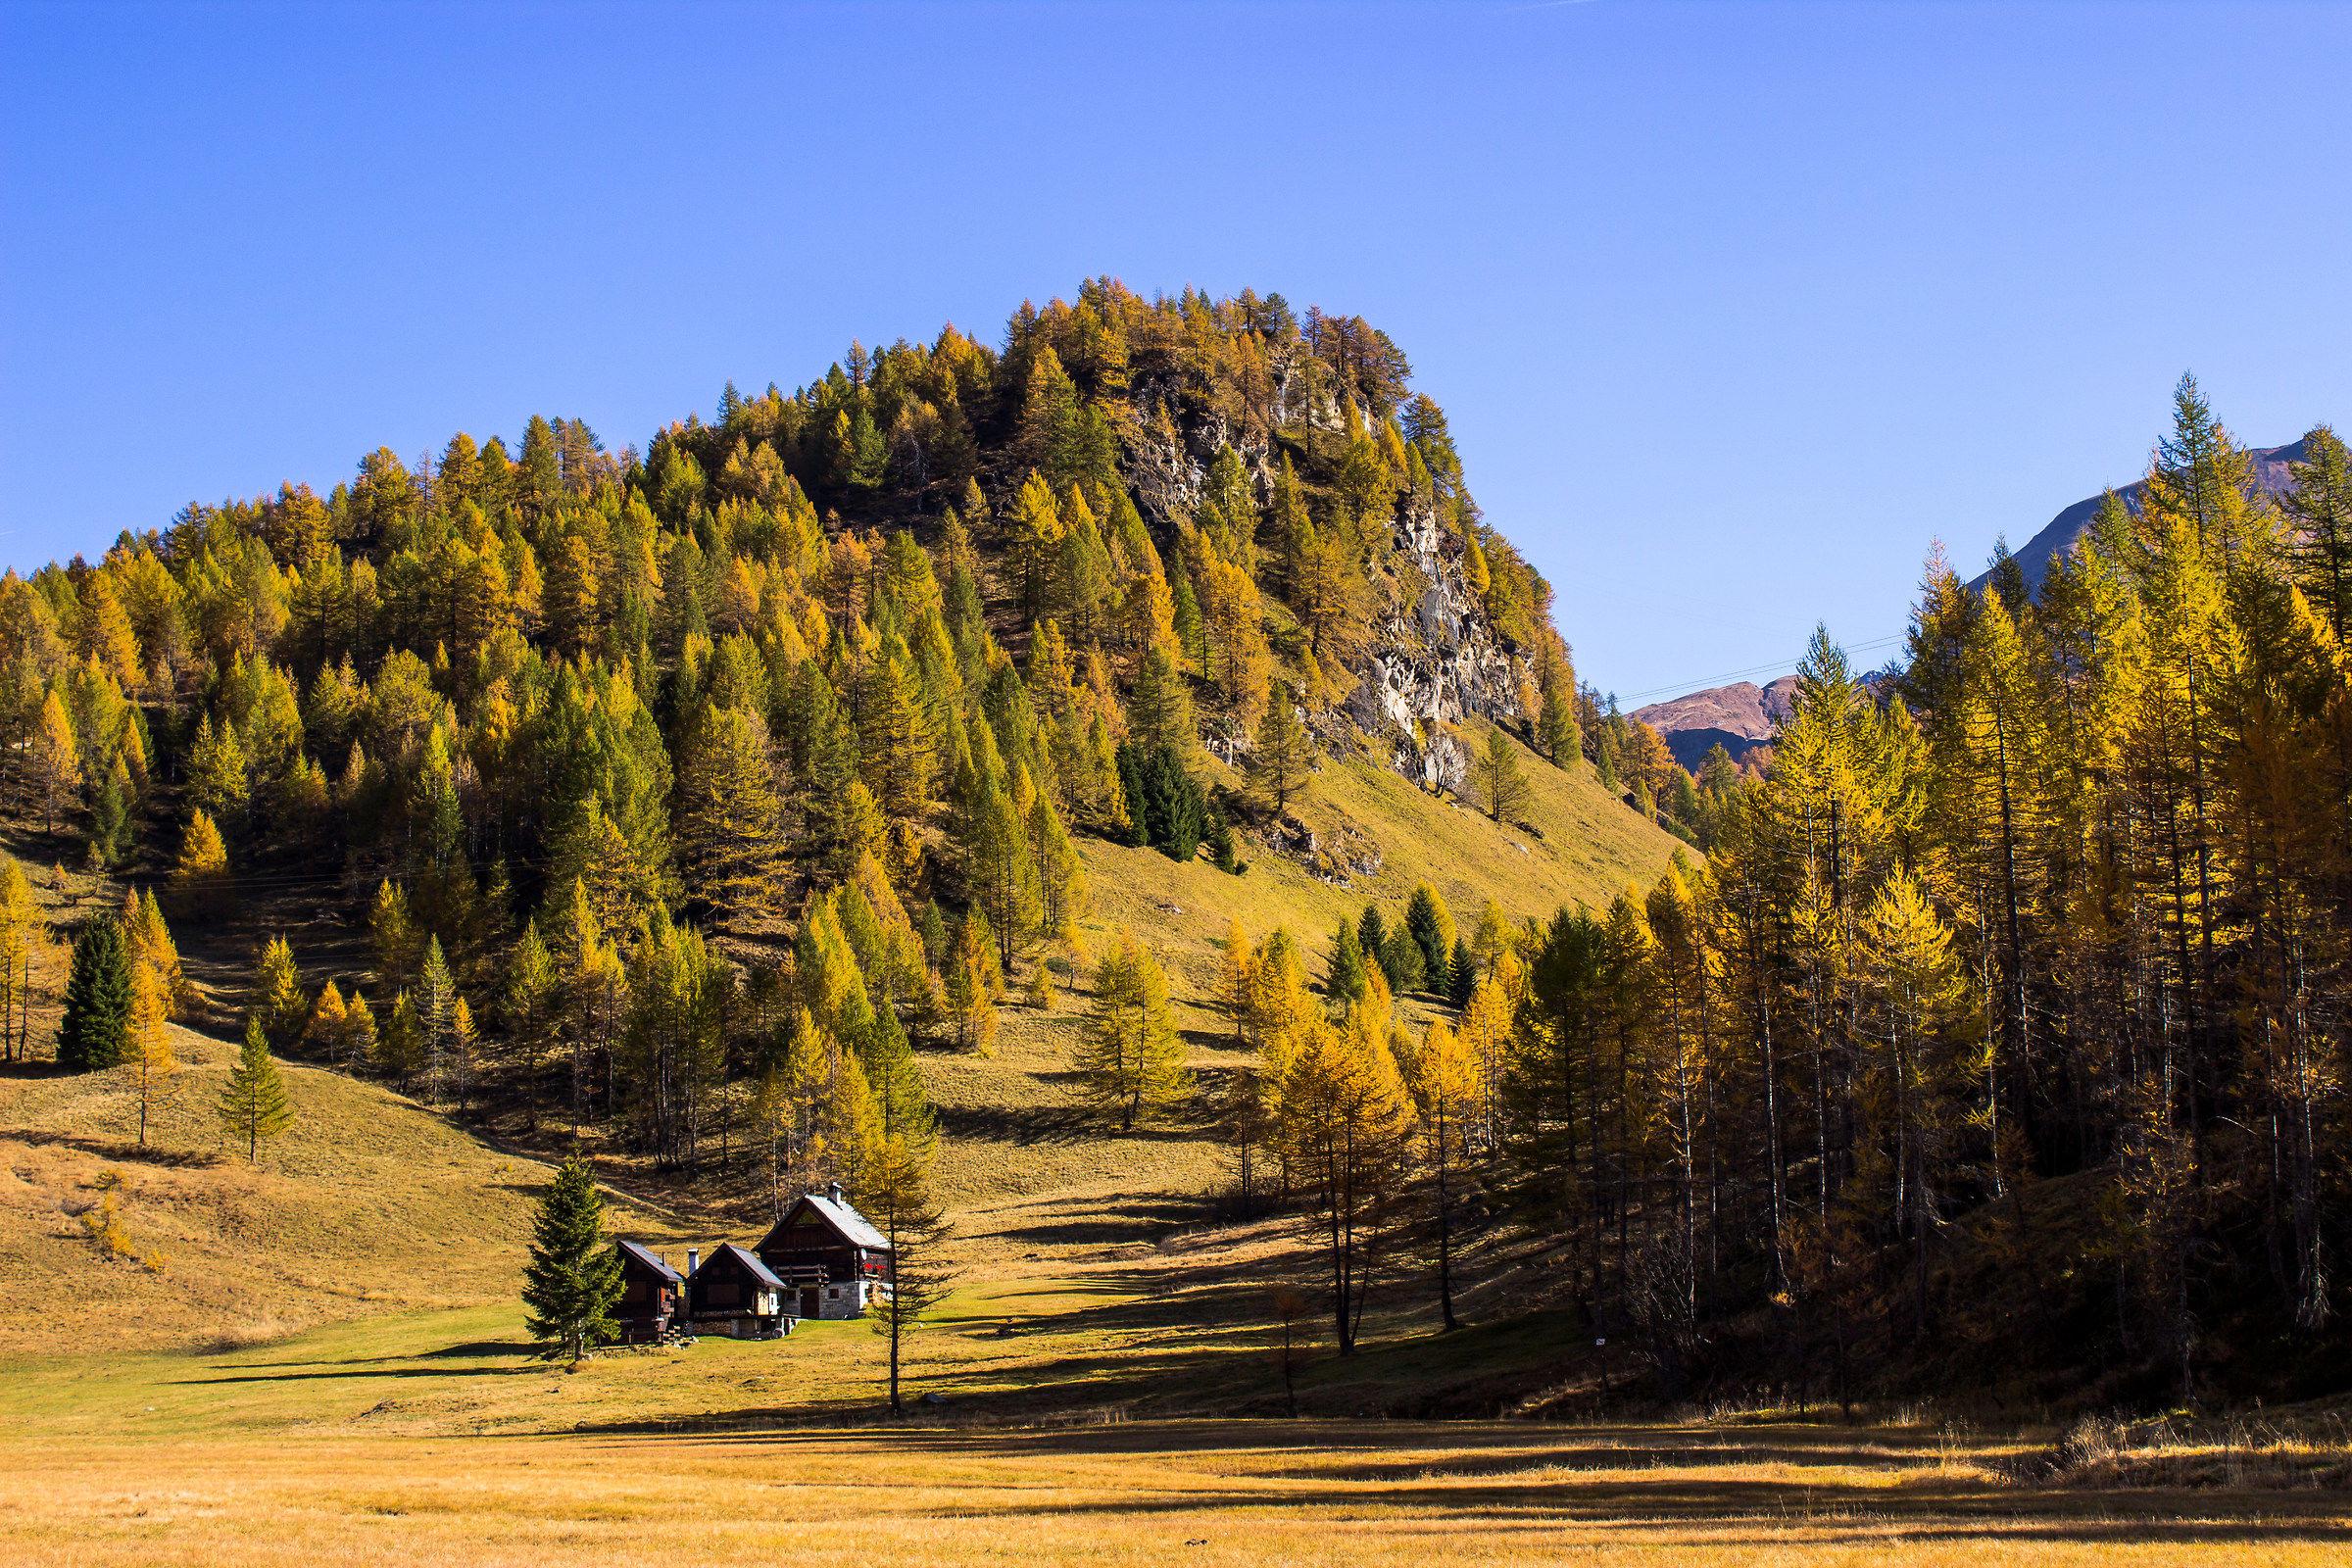 Autumn at the Alpe Devero...